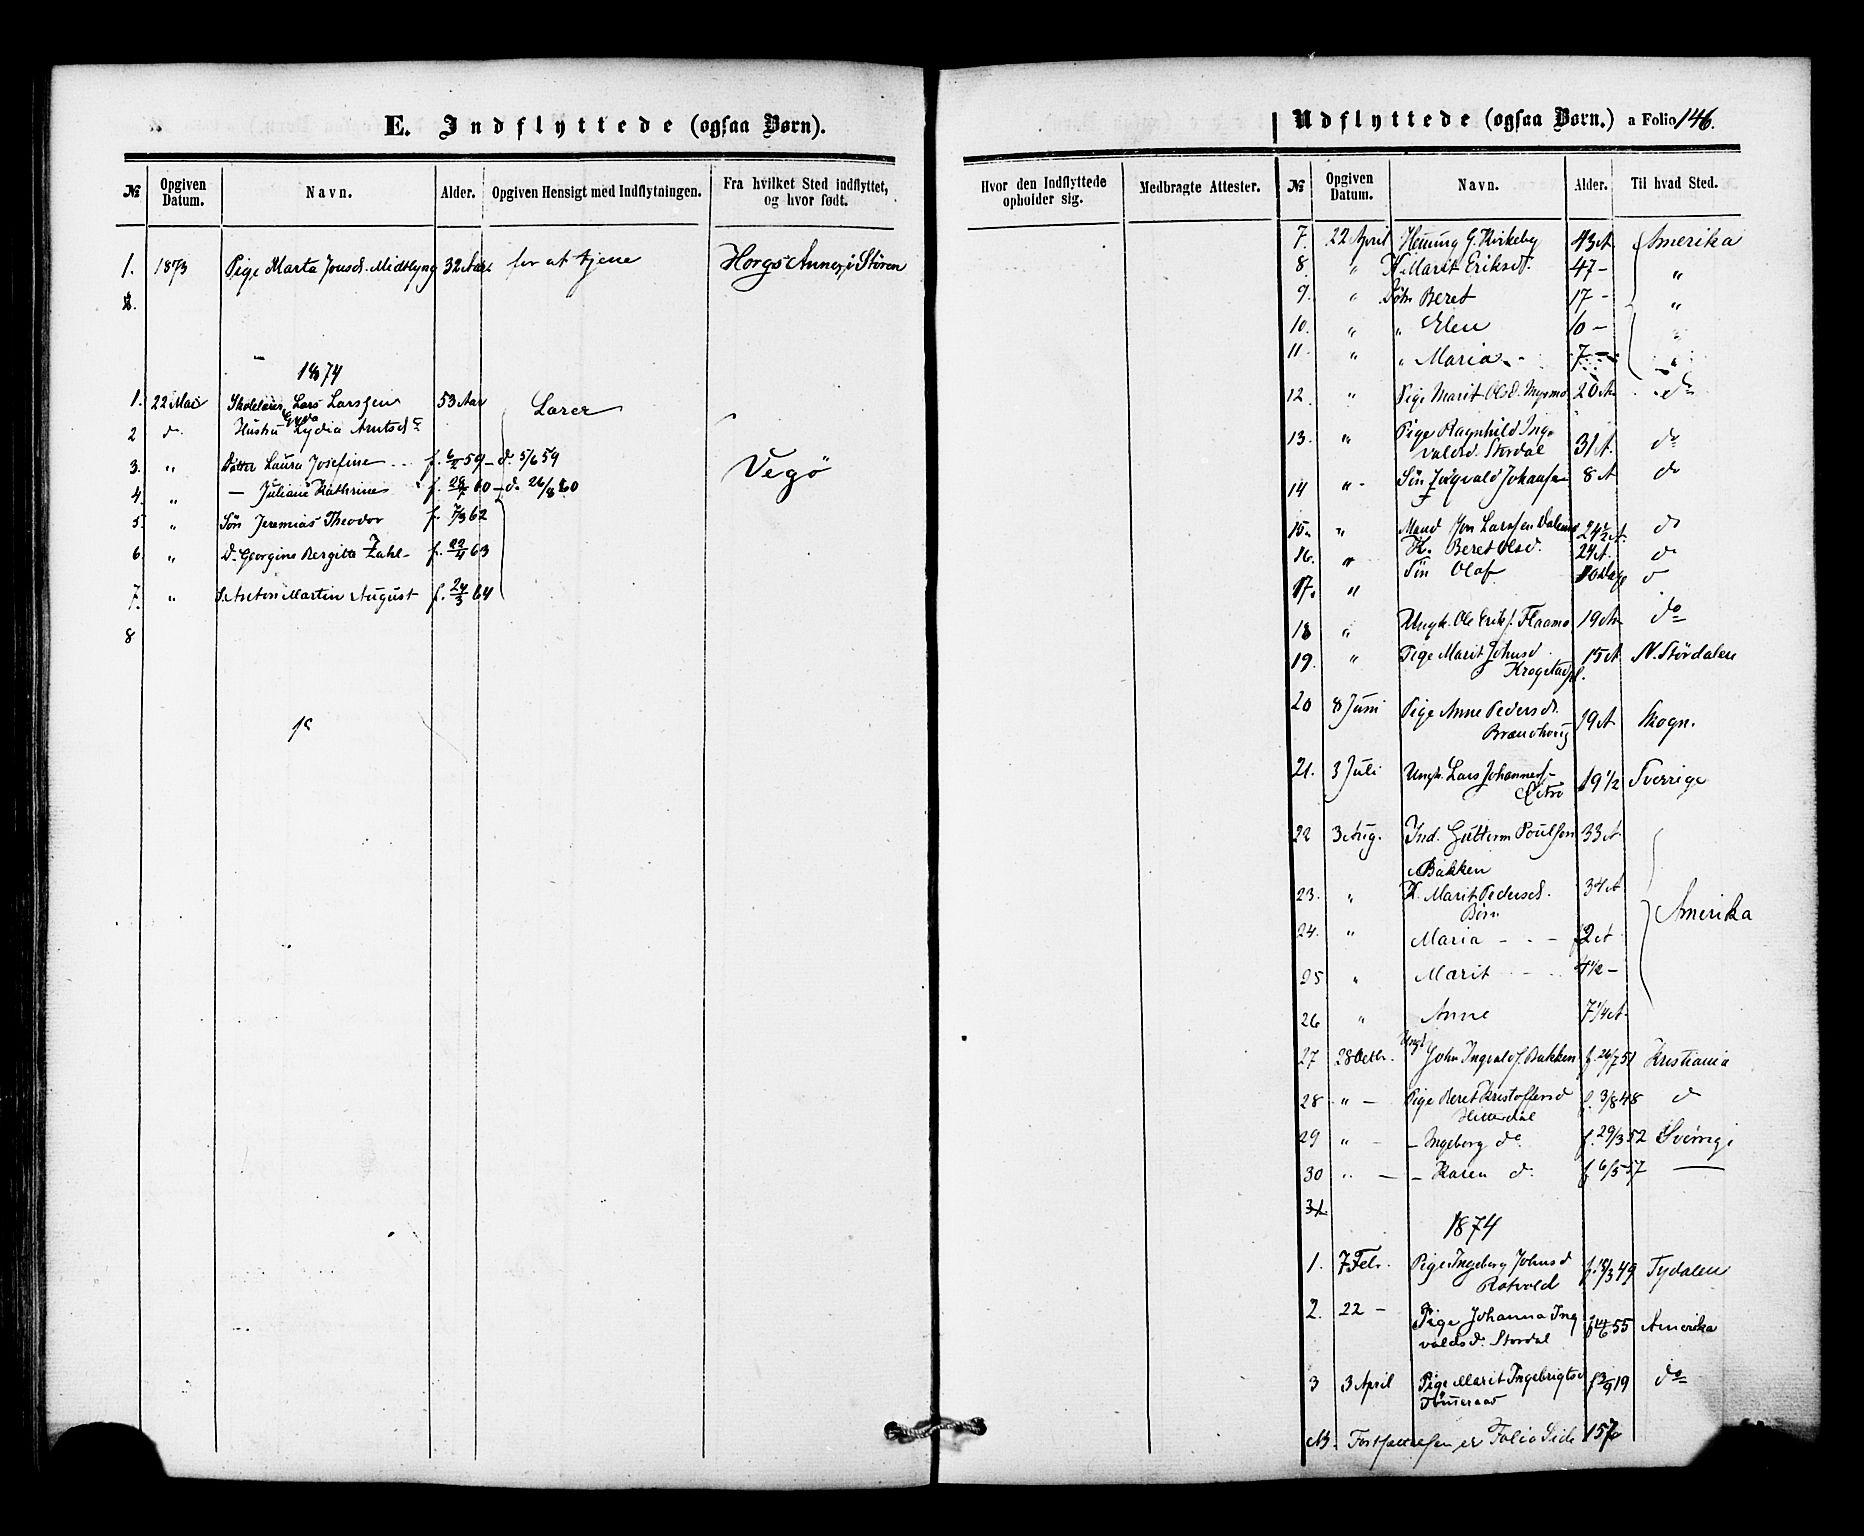 SAT, Ministerialprotokoller, klokkerbøker og fødselsregistre - Nord-Trøndelag, 706/L0041: Ministerialbok nr. 706A02, 1862-1877, s. 146